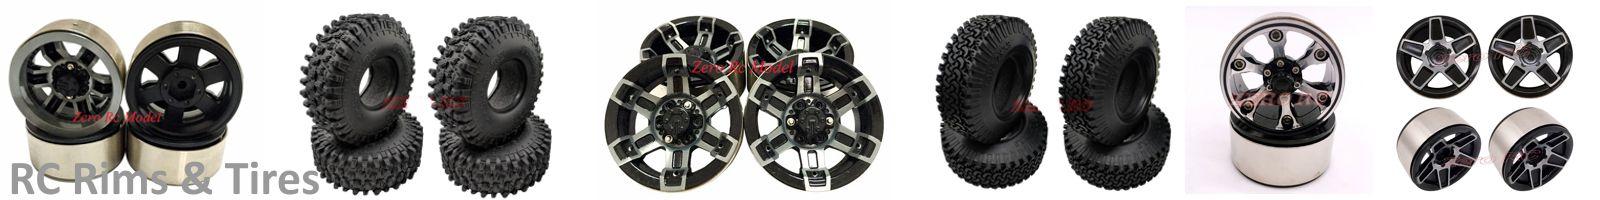 Slider-Rims & Tires